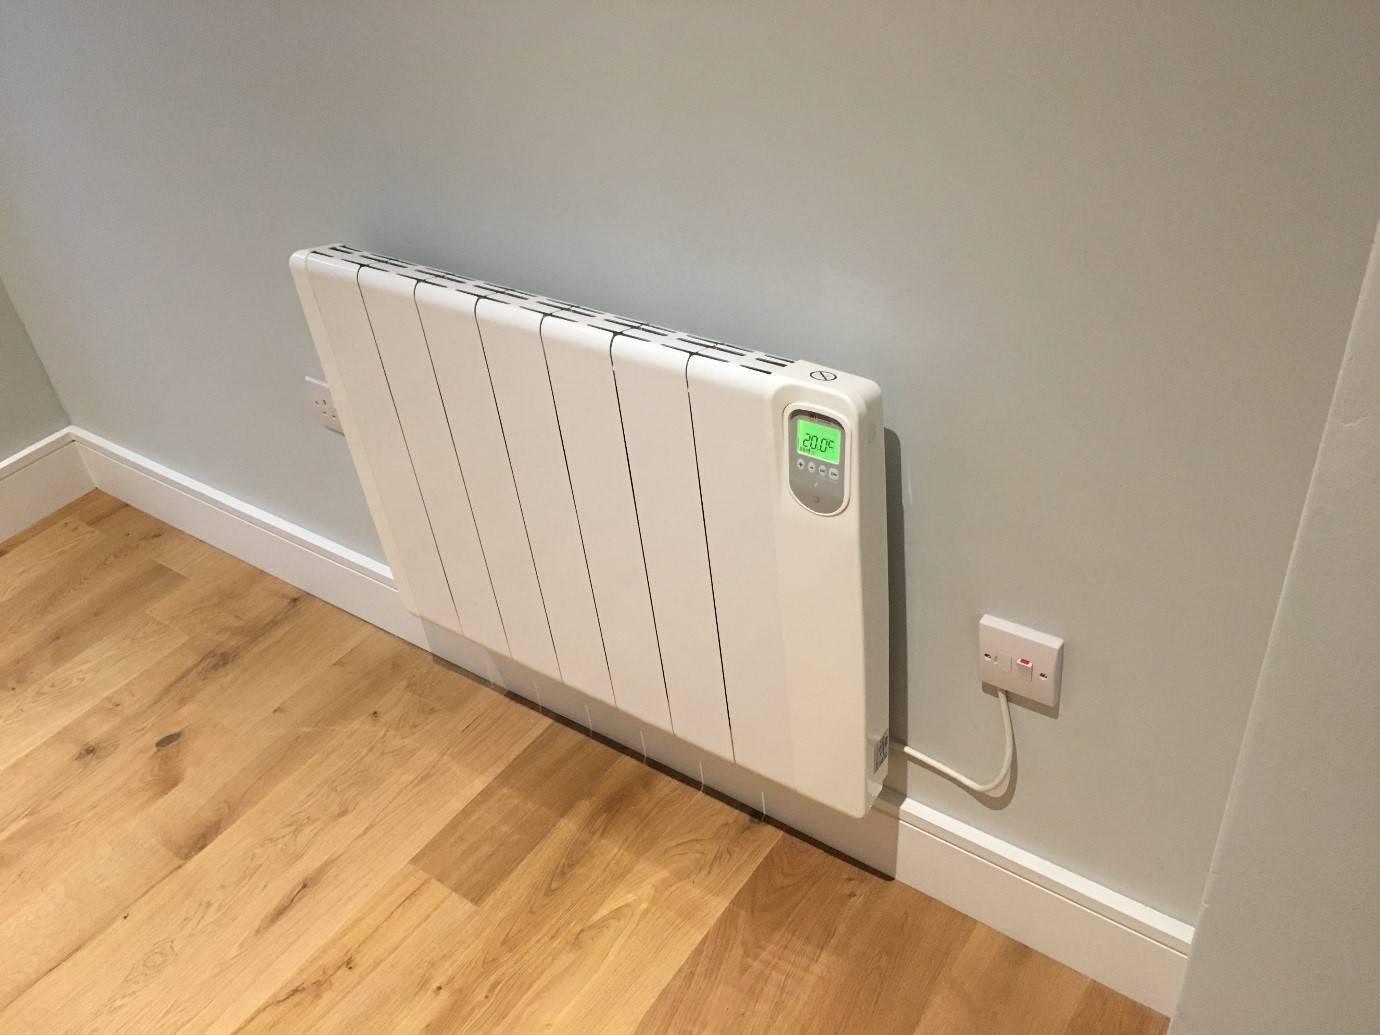 Обогреватели для дома энергосберегающие: электрокотлы для отопления и радиаторы